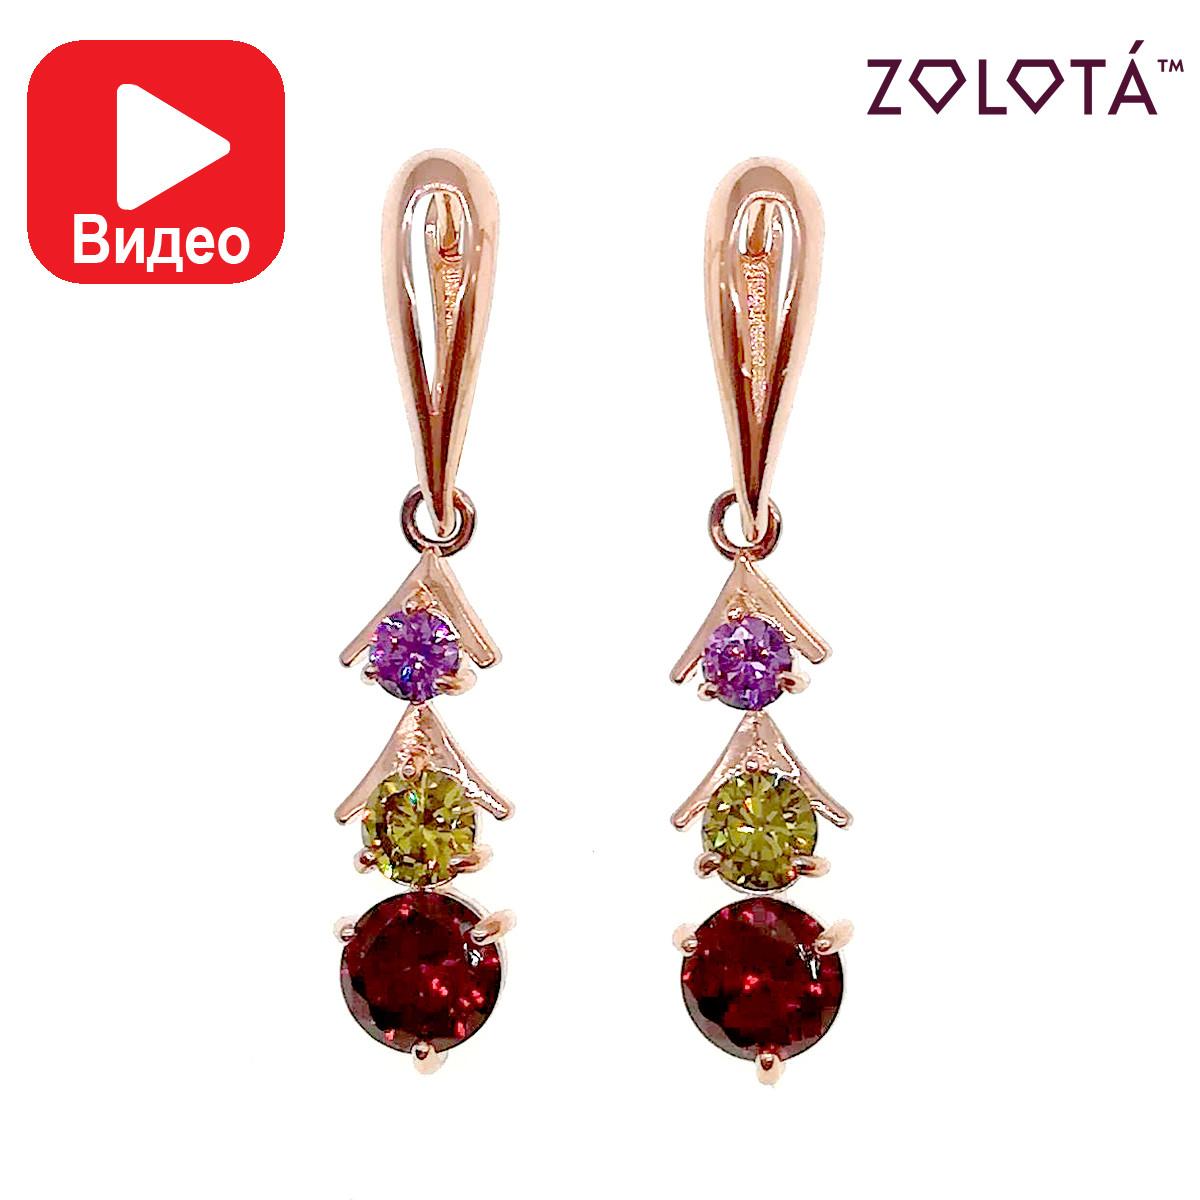 Серьги Zolota с фиолетовыми, зелеными и темно-красными фианитами (куб. цирконием), из медицинского золота, в